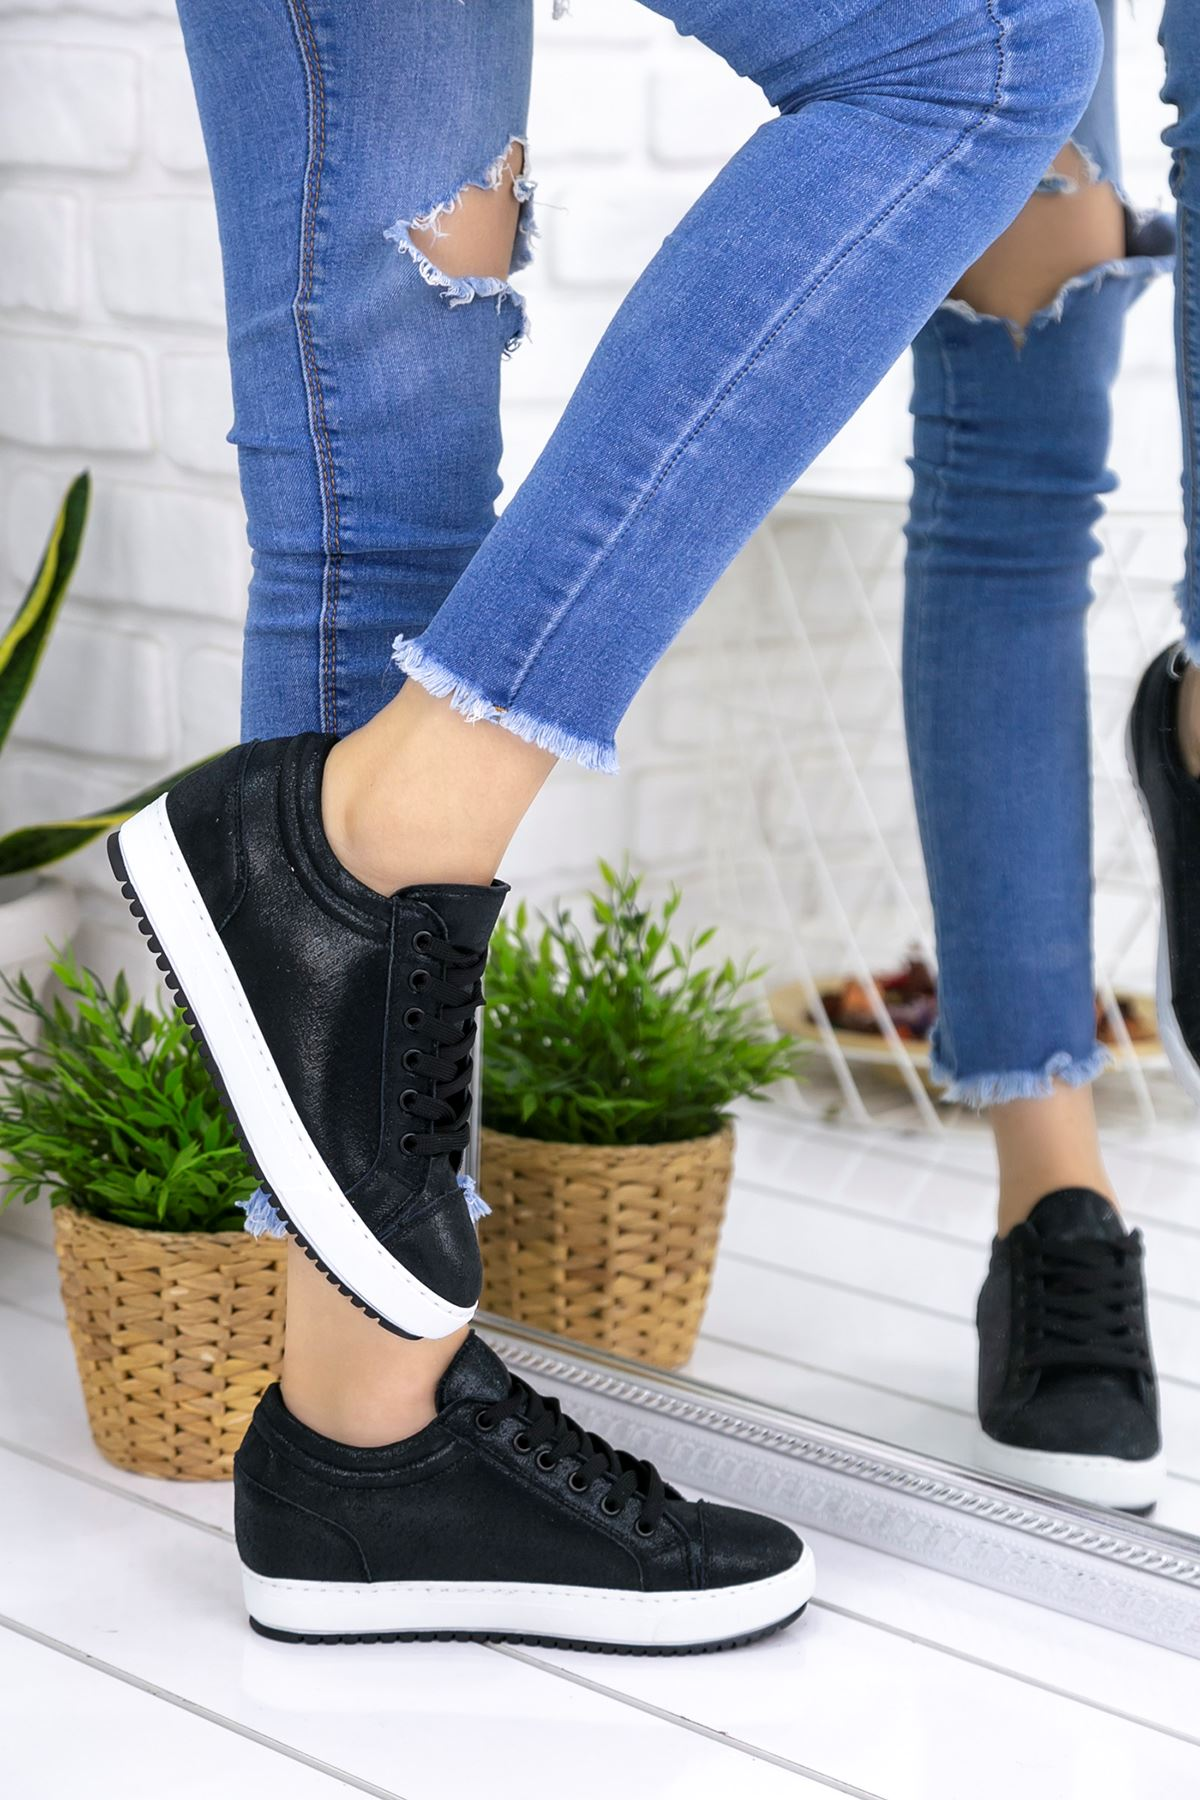 Adonia Siyah Gizli Topuklu Ortapedik Bayan Spor Ayakkabı